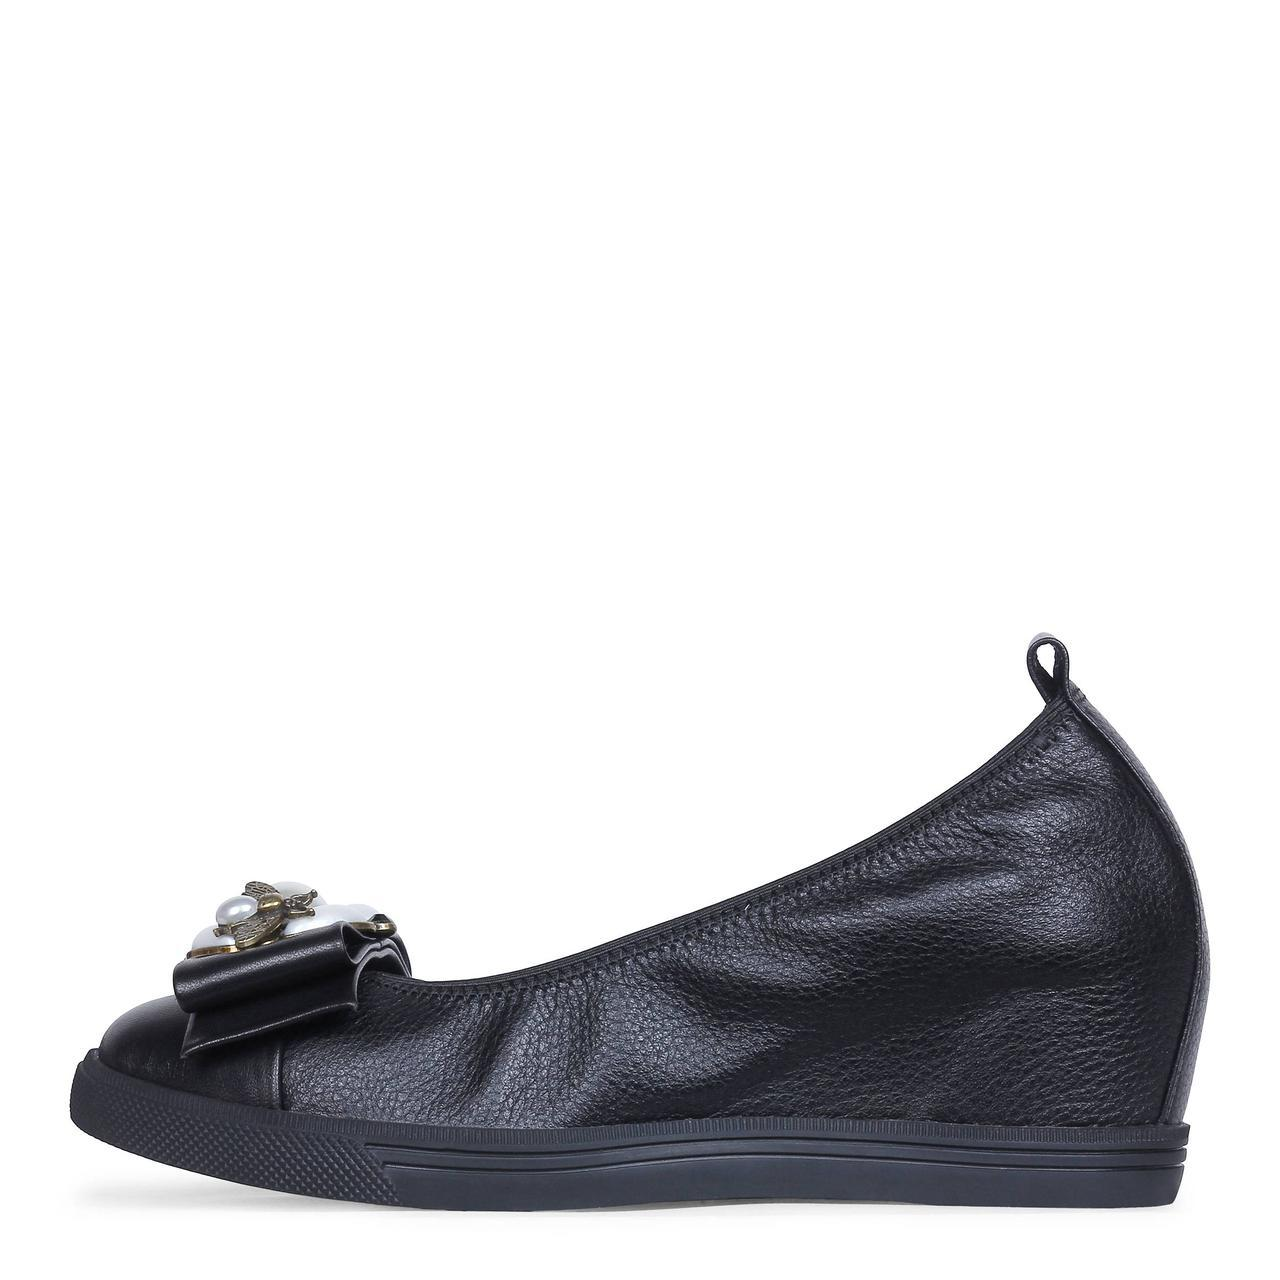 Черные женские кожаные туфли на танкетке  Like Show 19-A1656-18